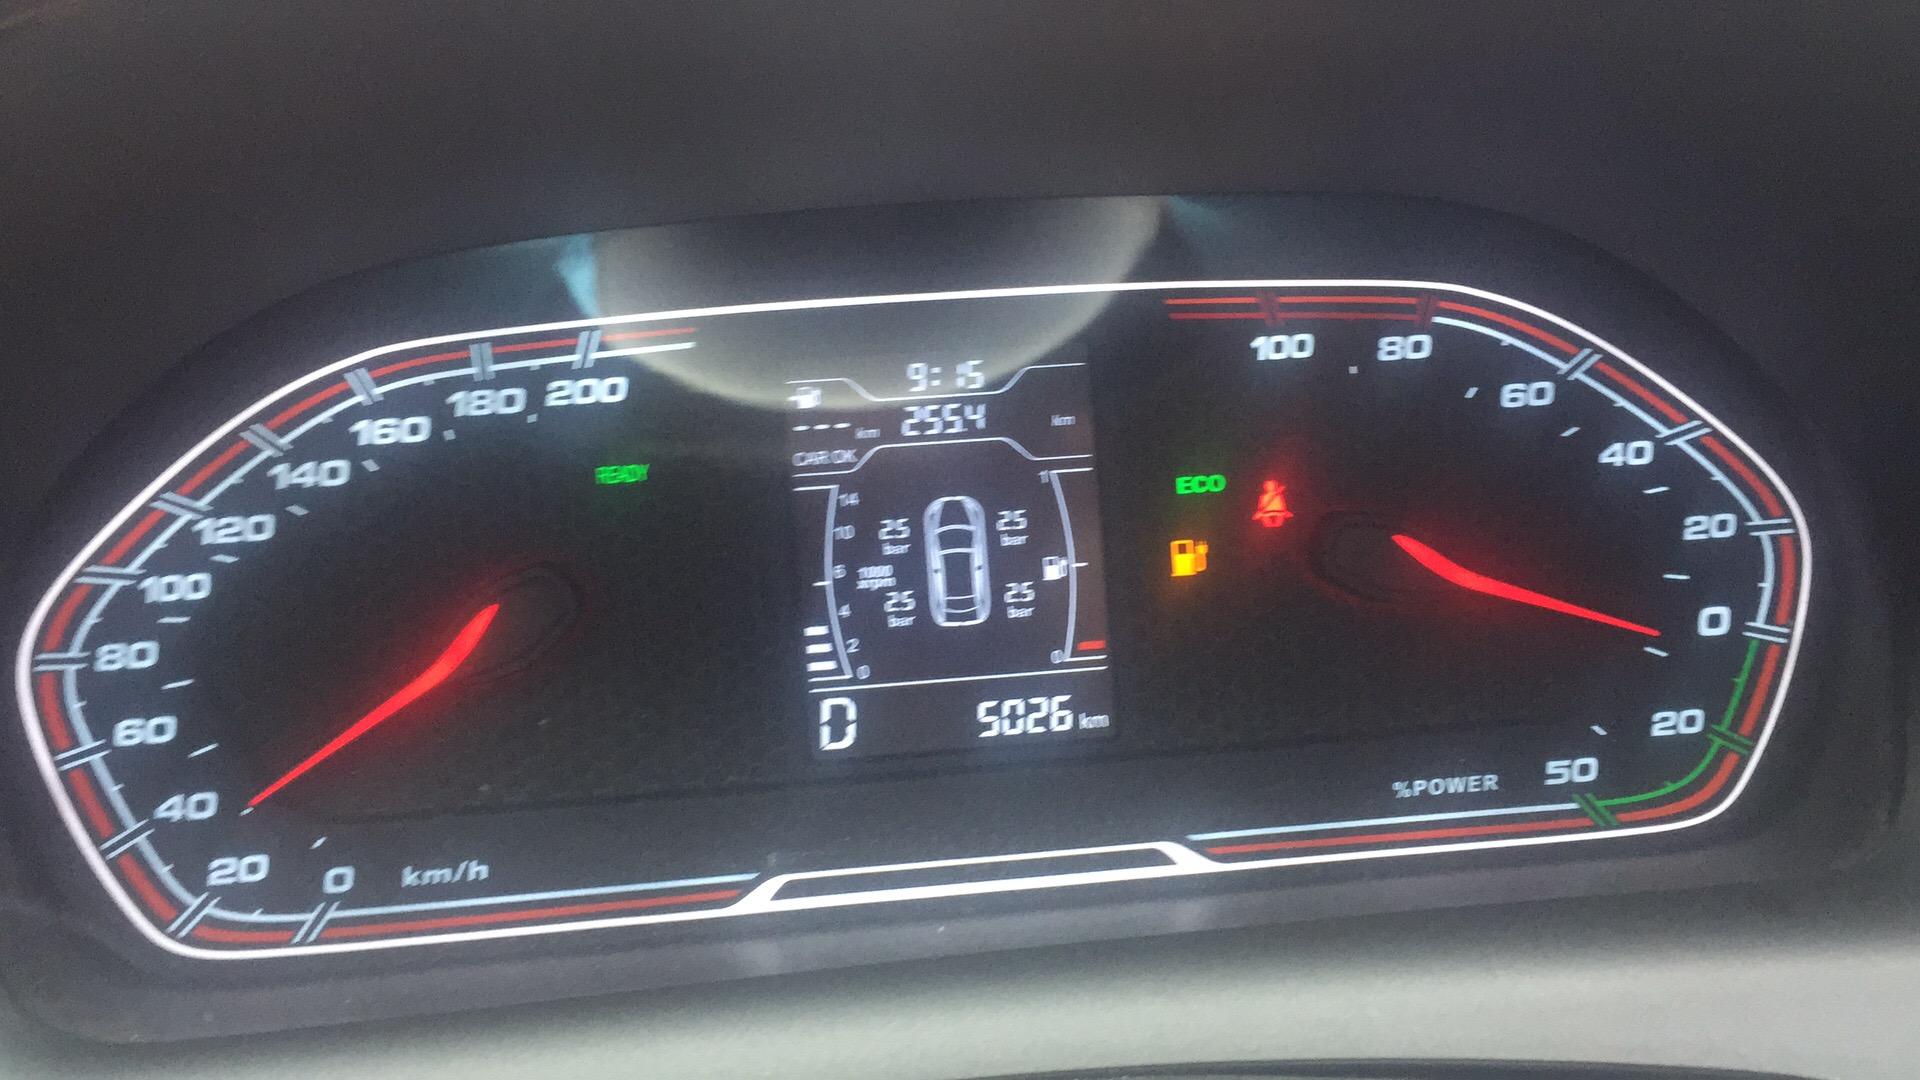 奇瑞汽车-瑞虎3xe 续航里程与厂家公布相差太多